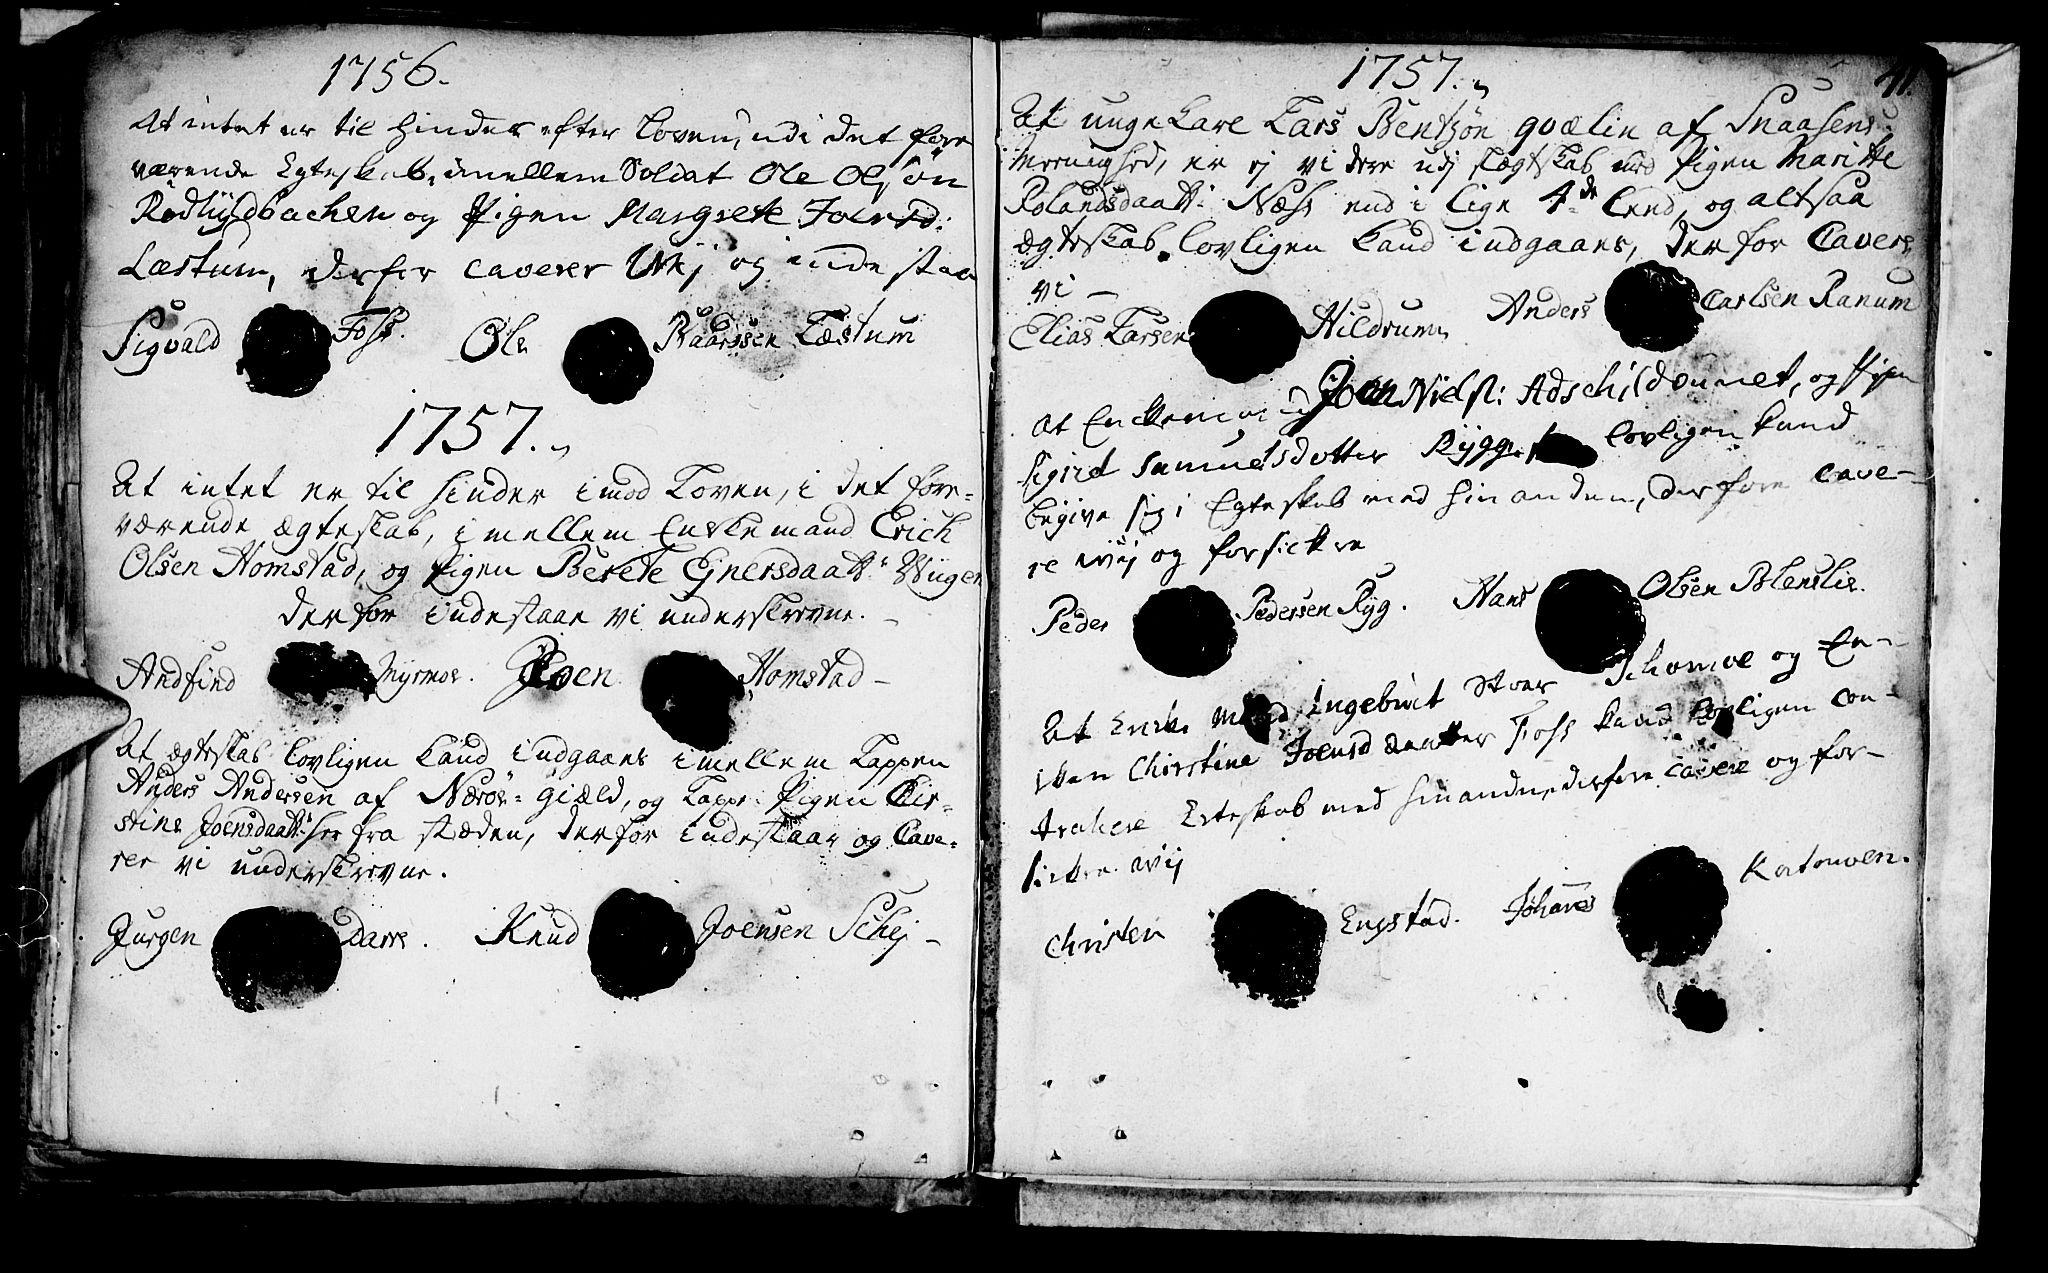 SAT, Ministerialprotokoller, klokkerbøker og fødselsregistre - Nord-Trøndelag, 764/L0541: Ministerialbok nr. 764A01, 1745-1758, s. 41